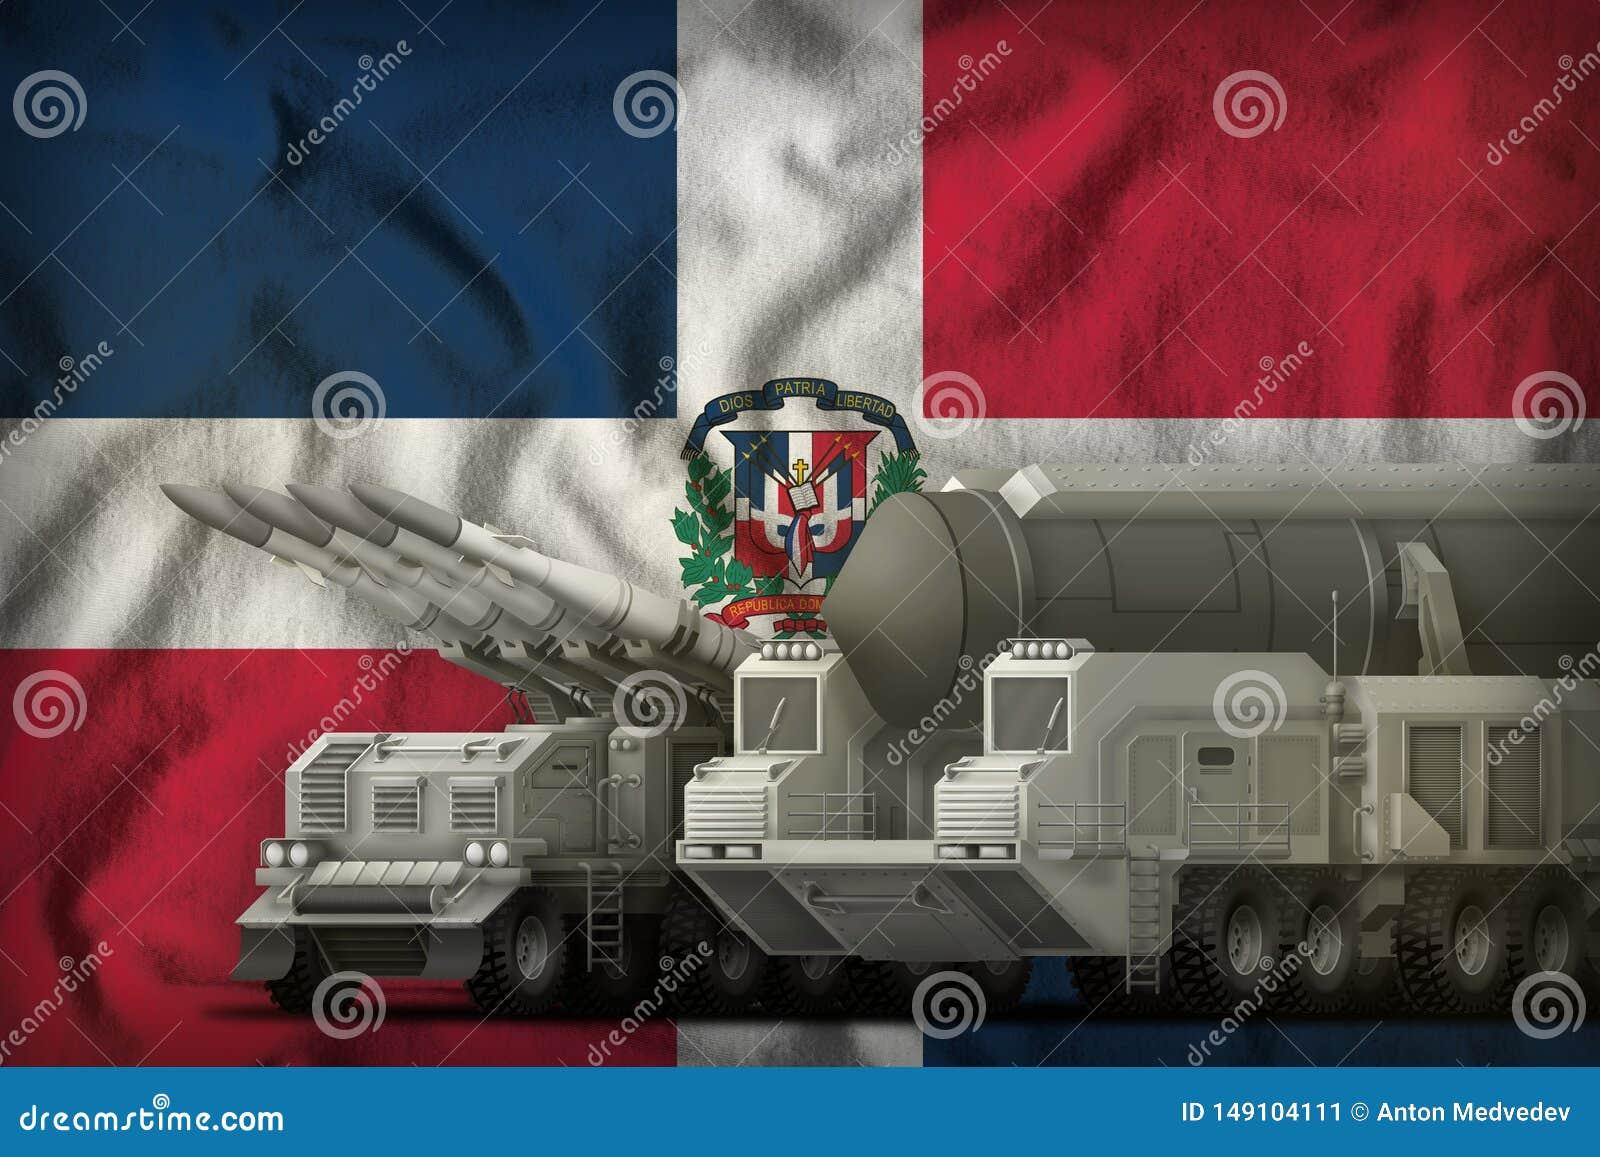 Concepto de las tropas del cohete de la Rep?blica Dominicana en el fondo de la bandera nacional ilustraci?n 3D